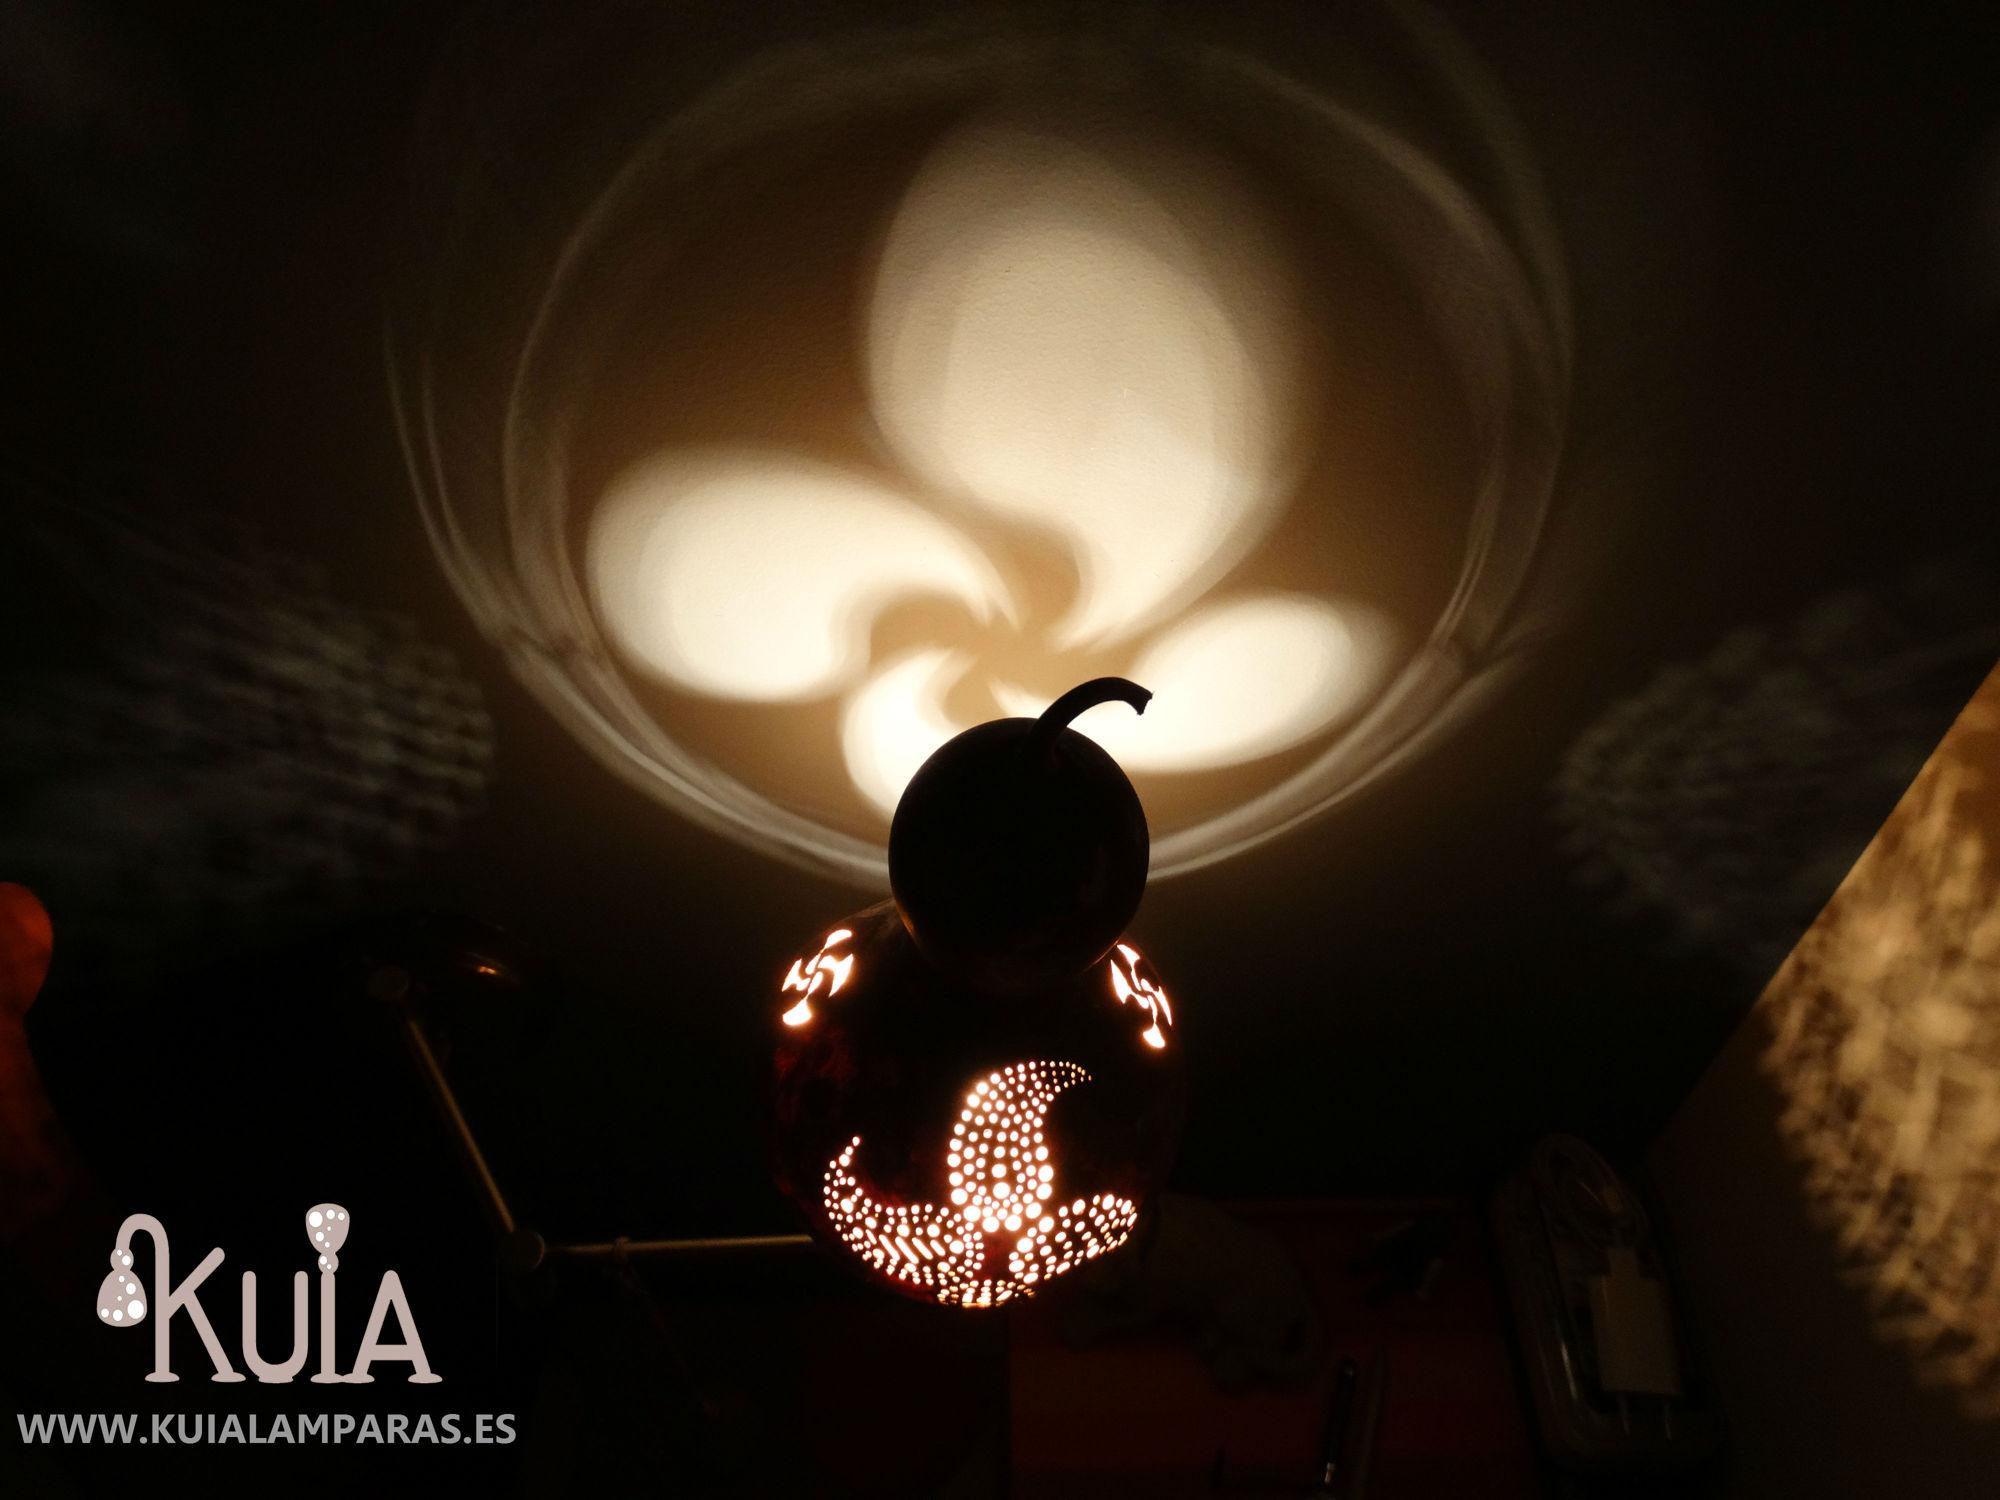 lampara con proyecciones lauburu2